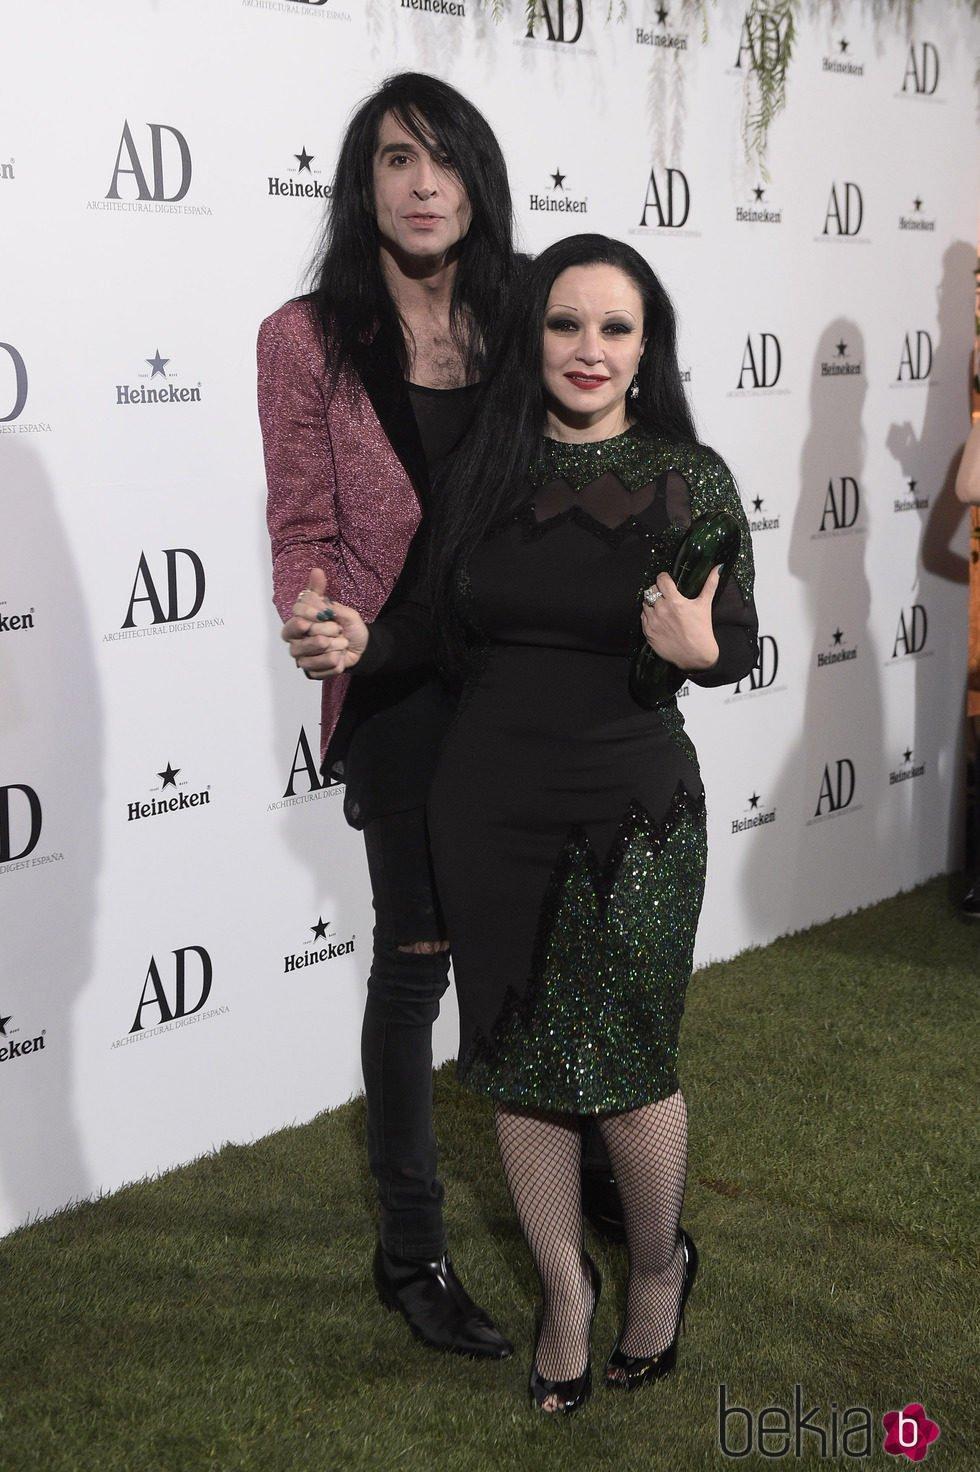 Alaska y Mario Vaquerizo en los Premios AD 2015